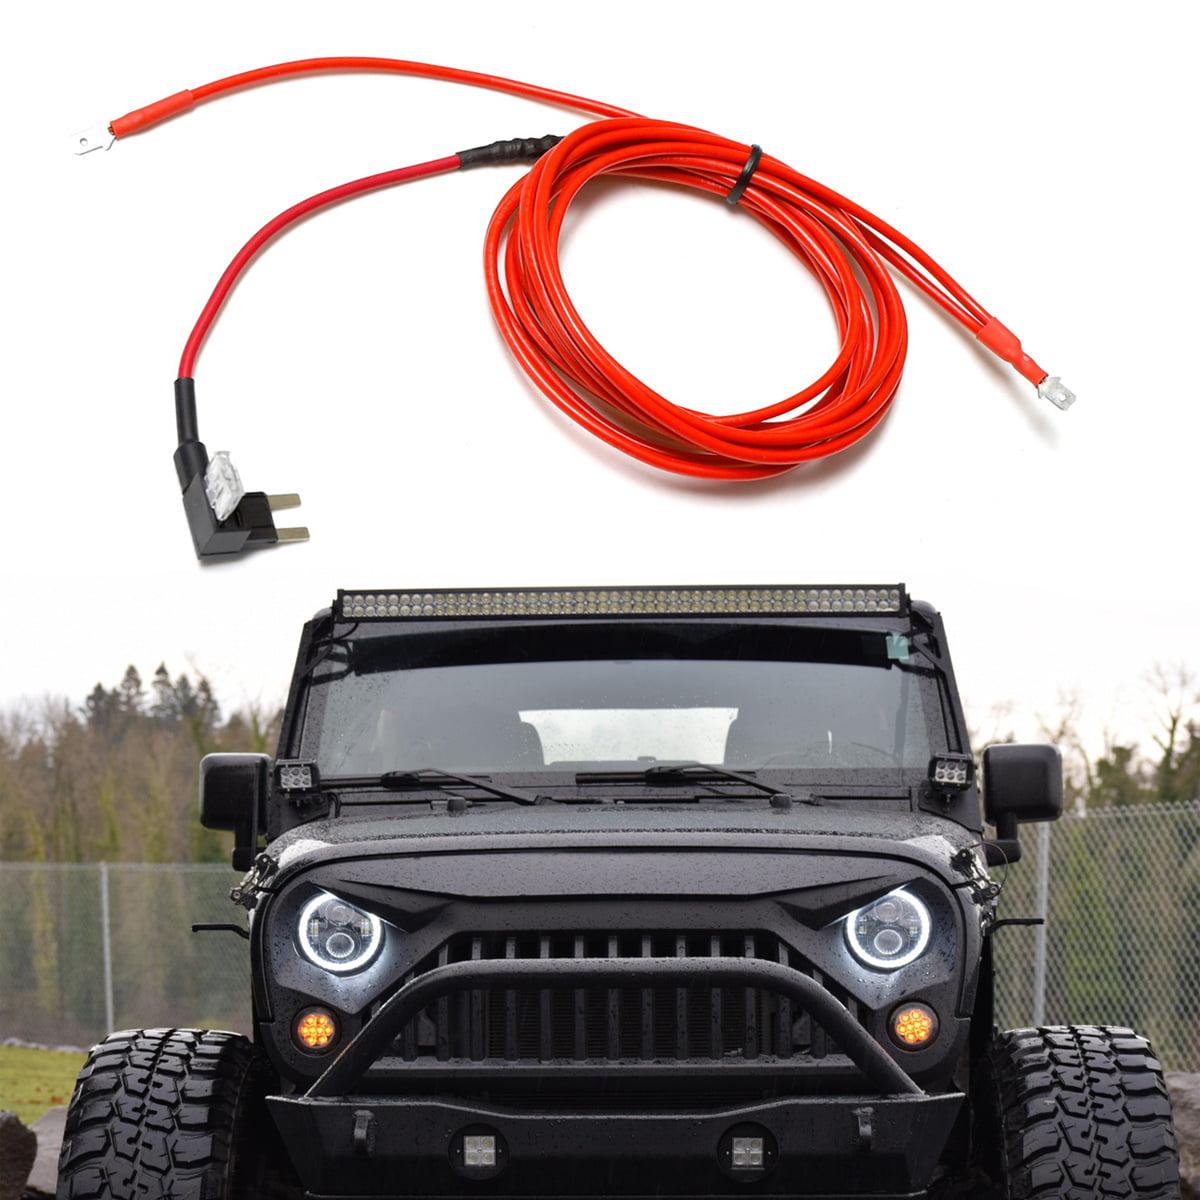 BMS Jeep Wrangler JL//JLU NON-LED Tail Light Guards SugarS